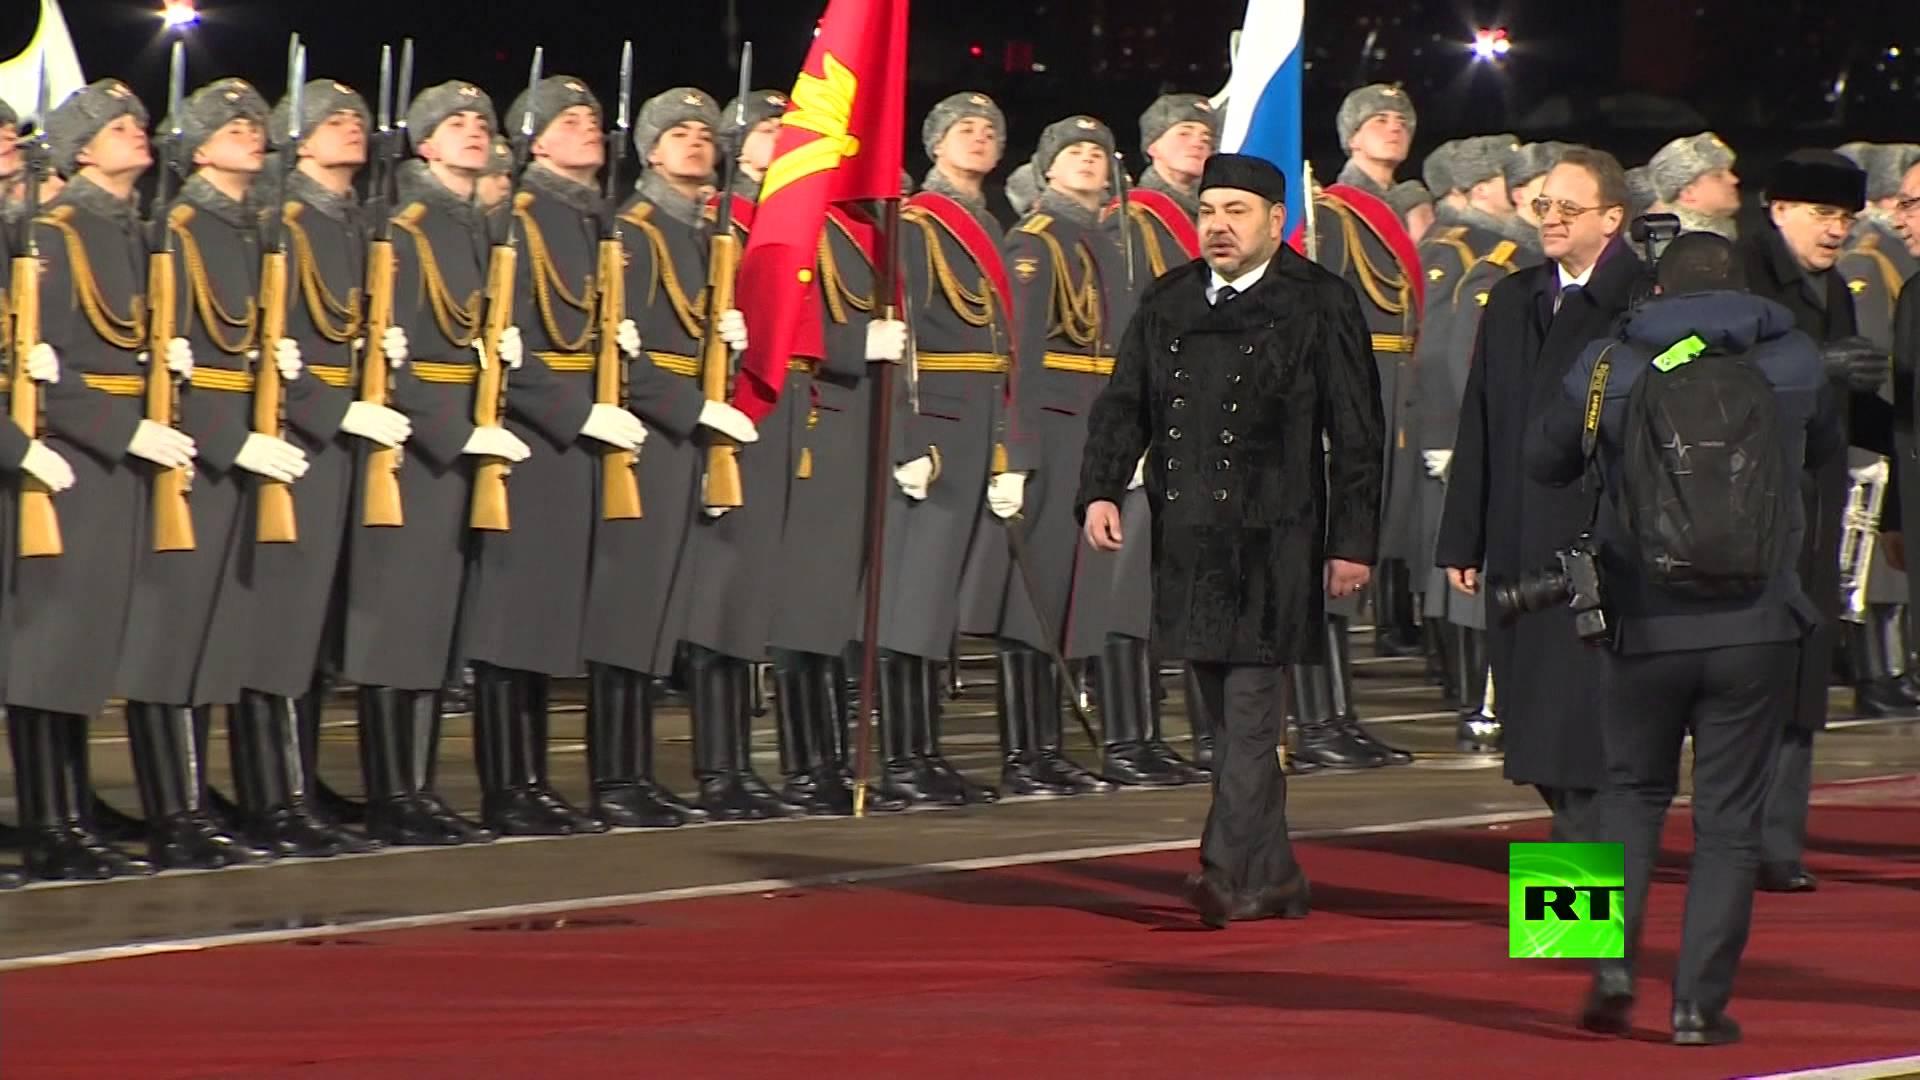 وصول العاهل المغربي الملك محمد السادس إلى موسكو